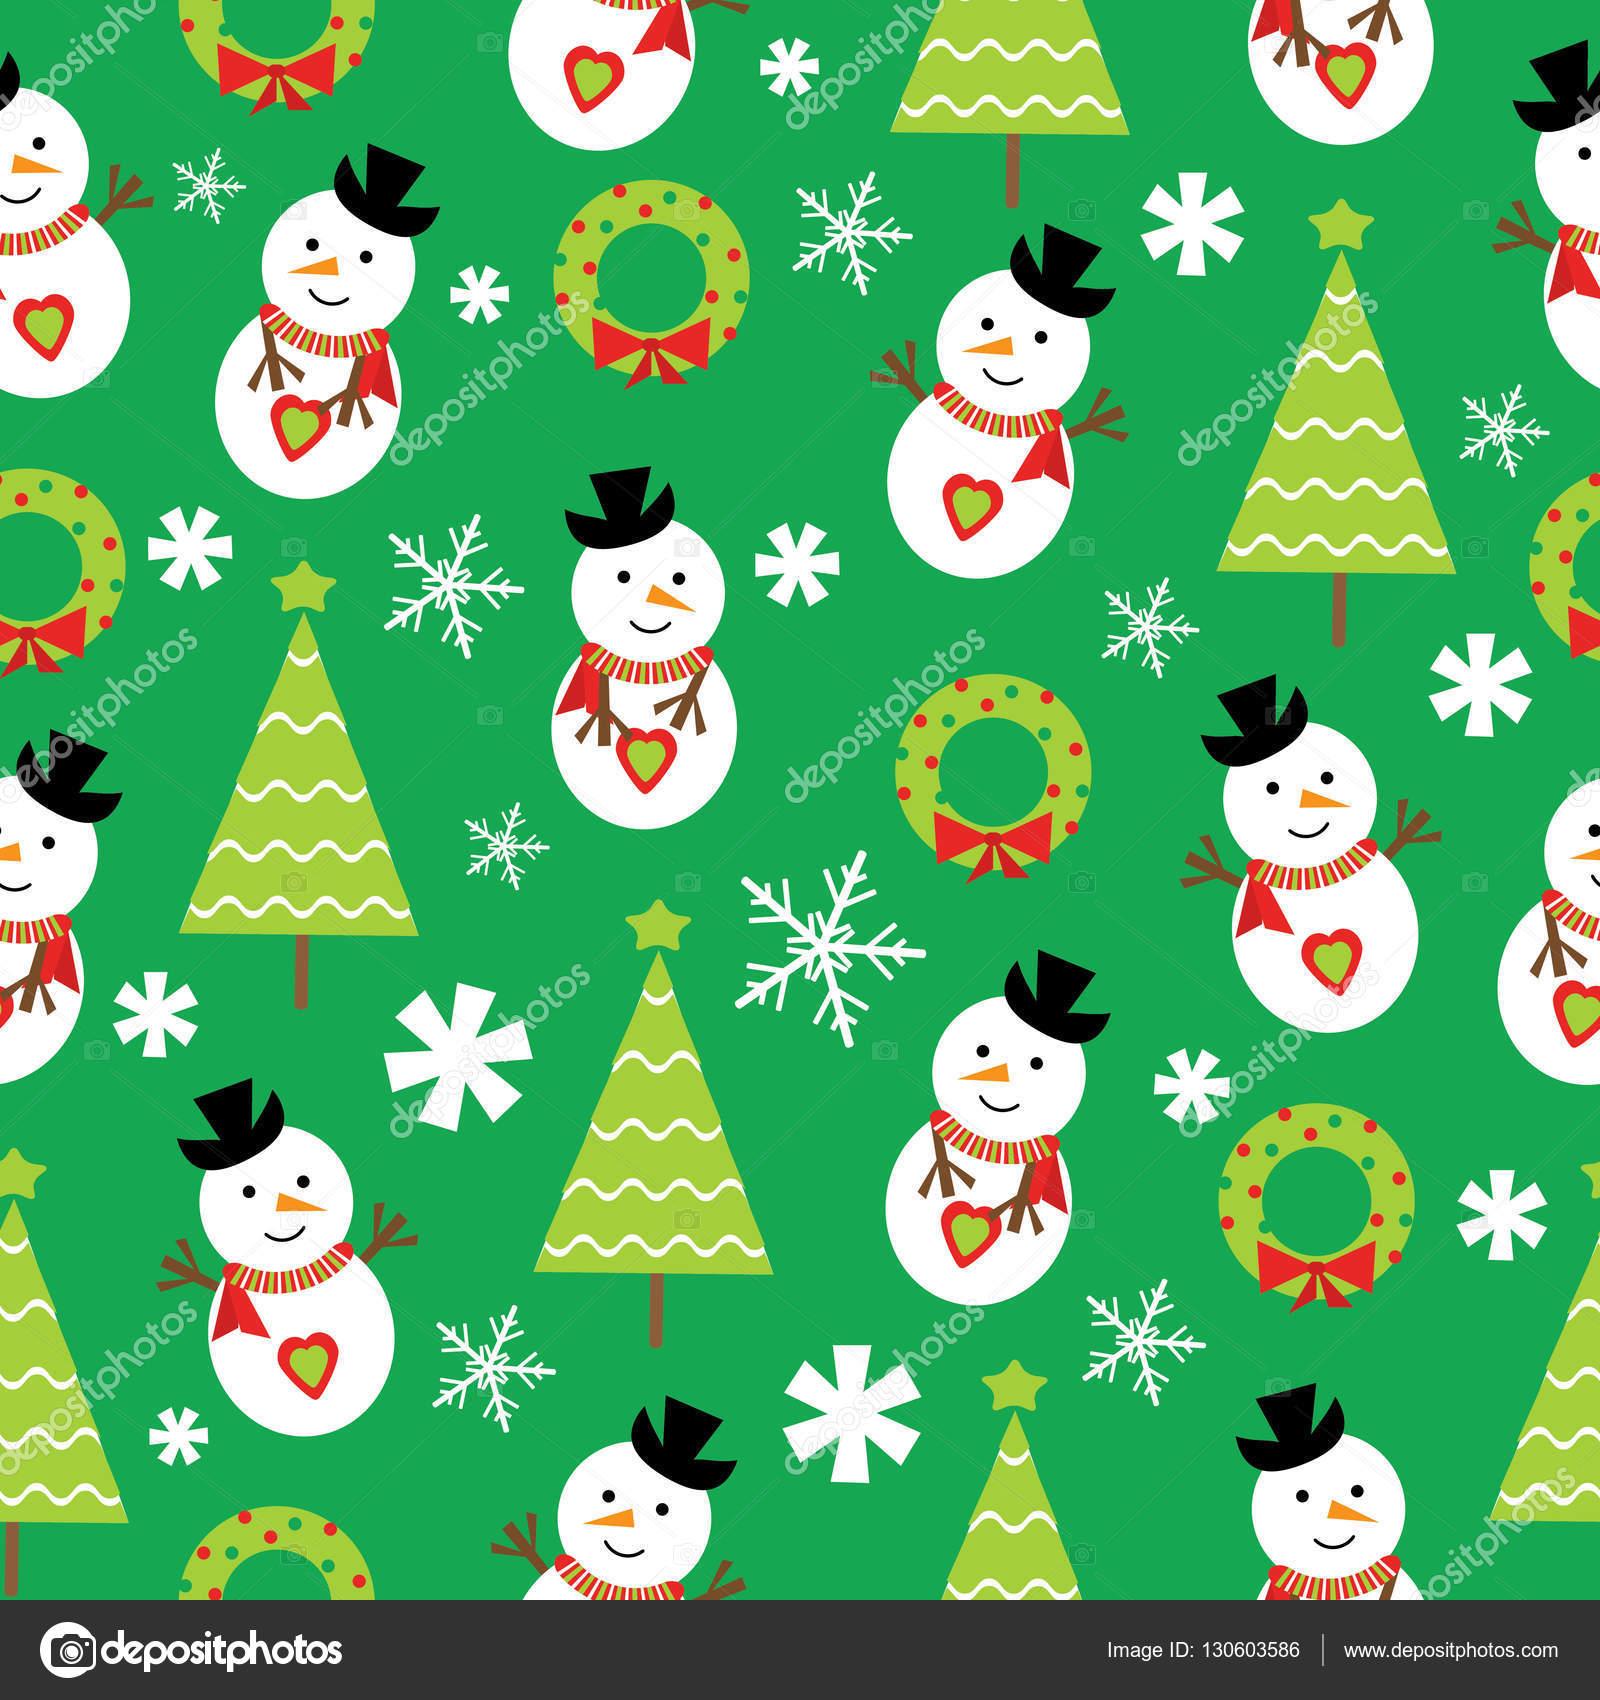 クリスマス イラストかわいい雪だるまとクリスマス ツリー壁紙ポスト